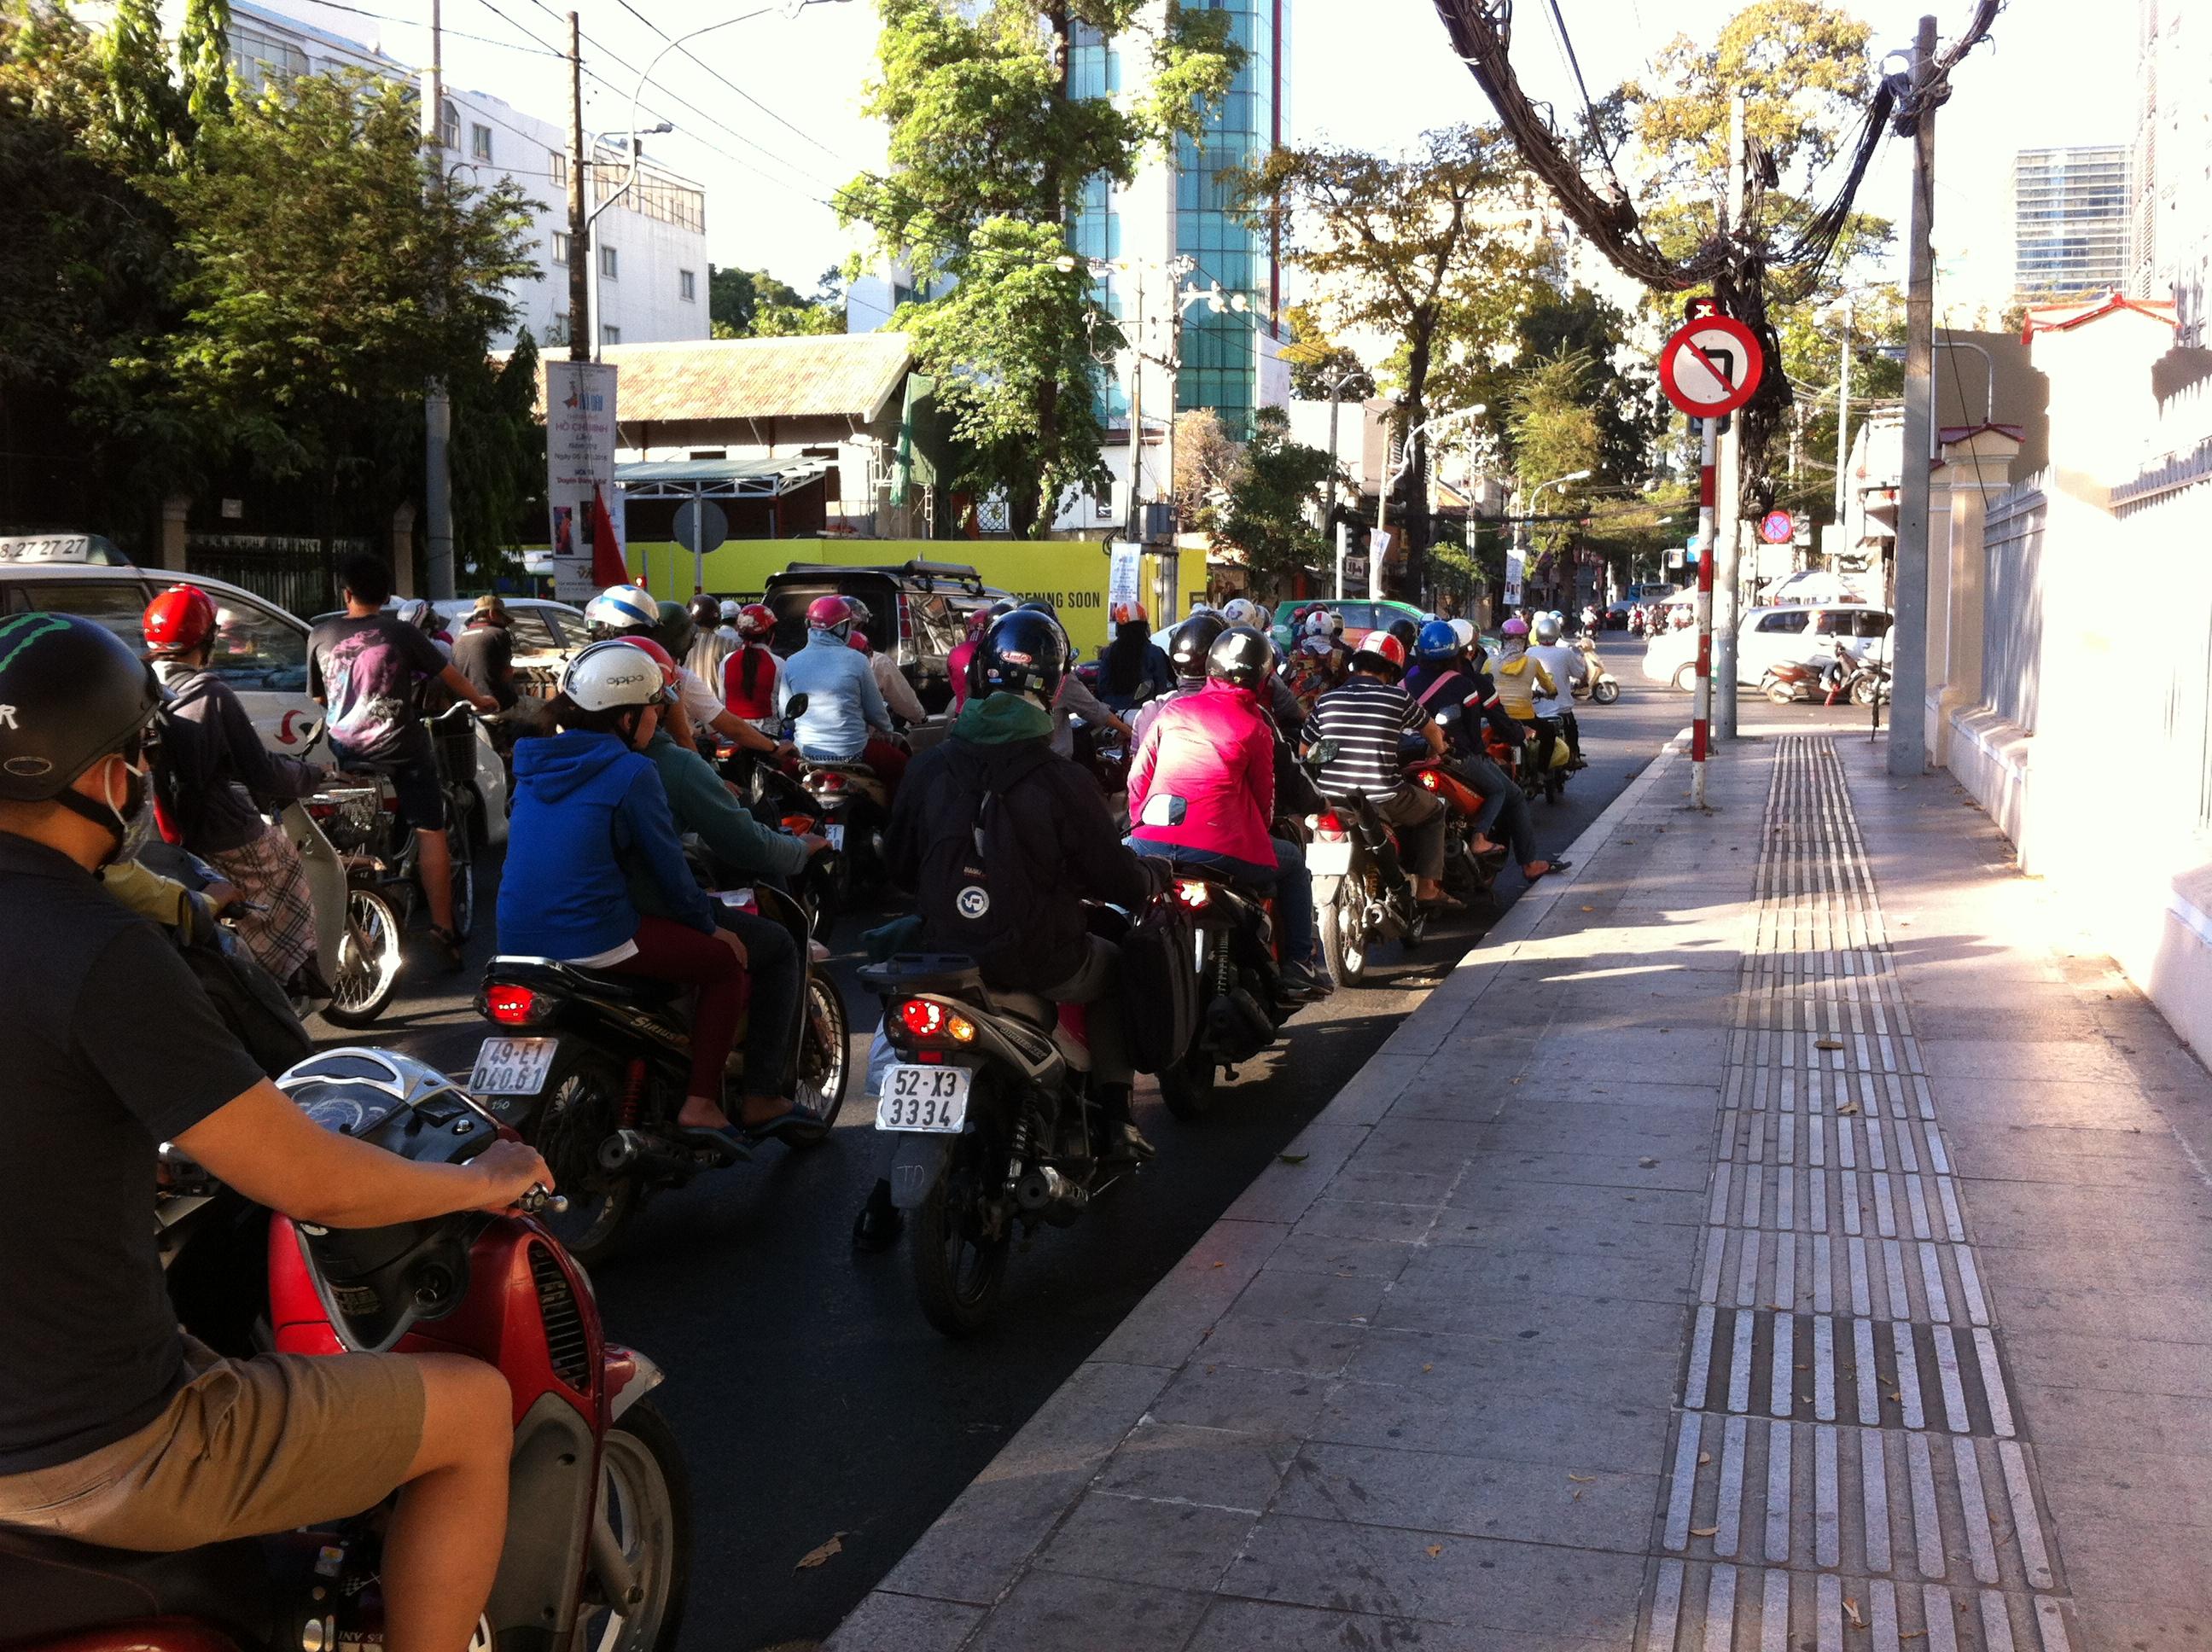 Yvonderweg - Hallo Ho Chi Minh! - Motorbikes in Ho Chi Minh 2